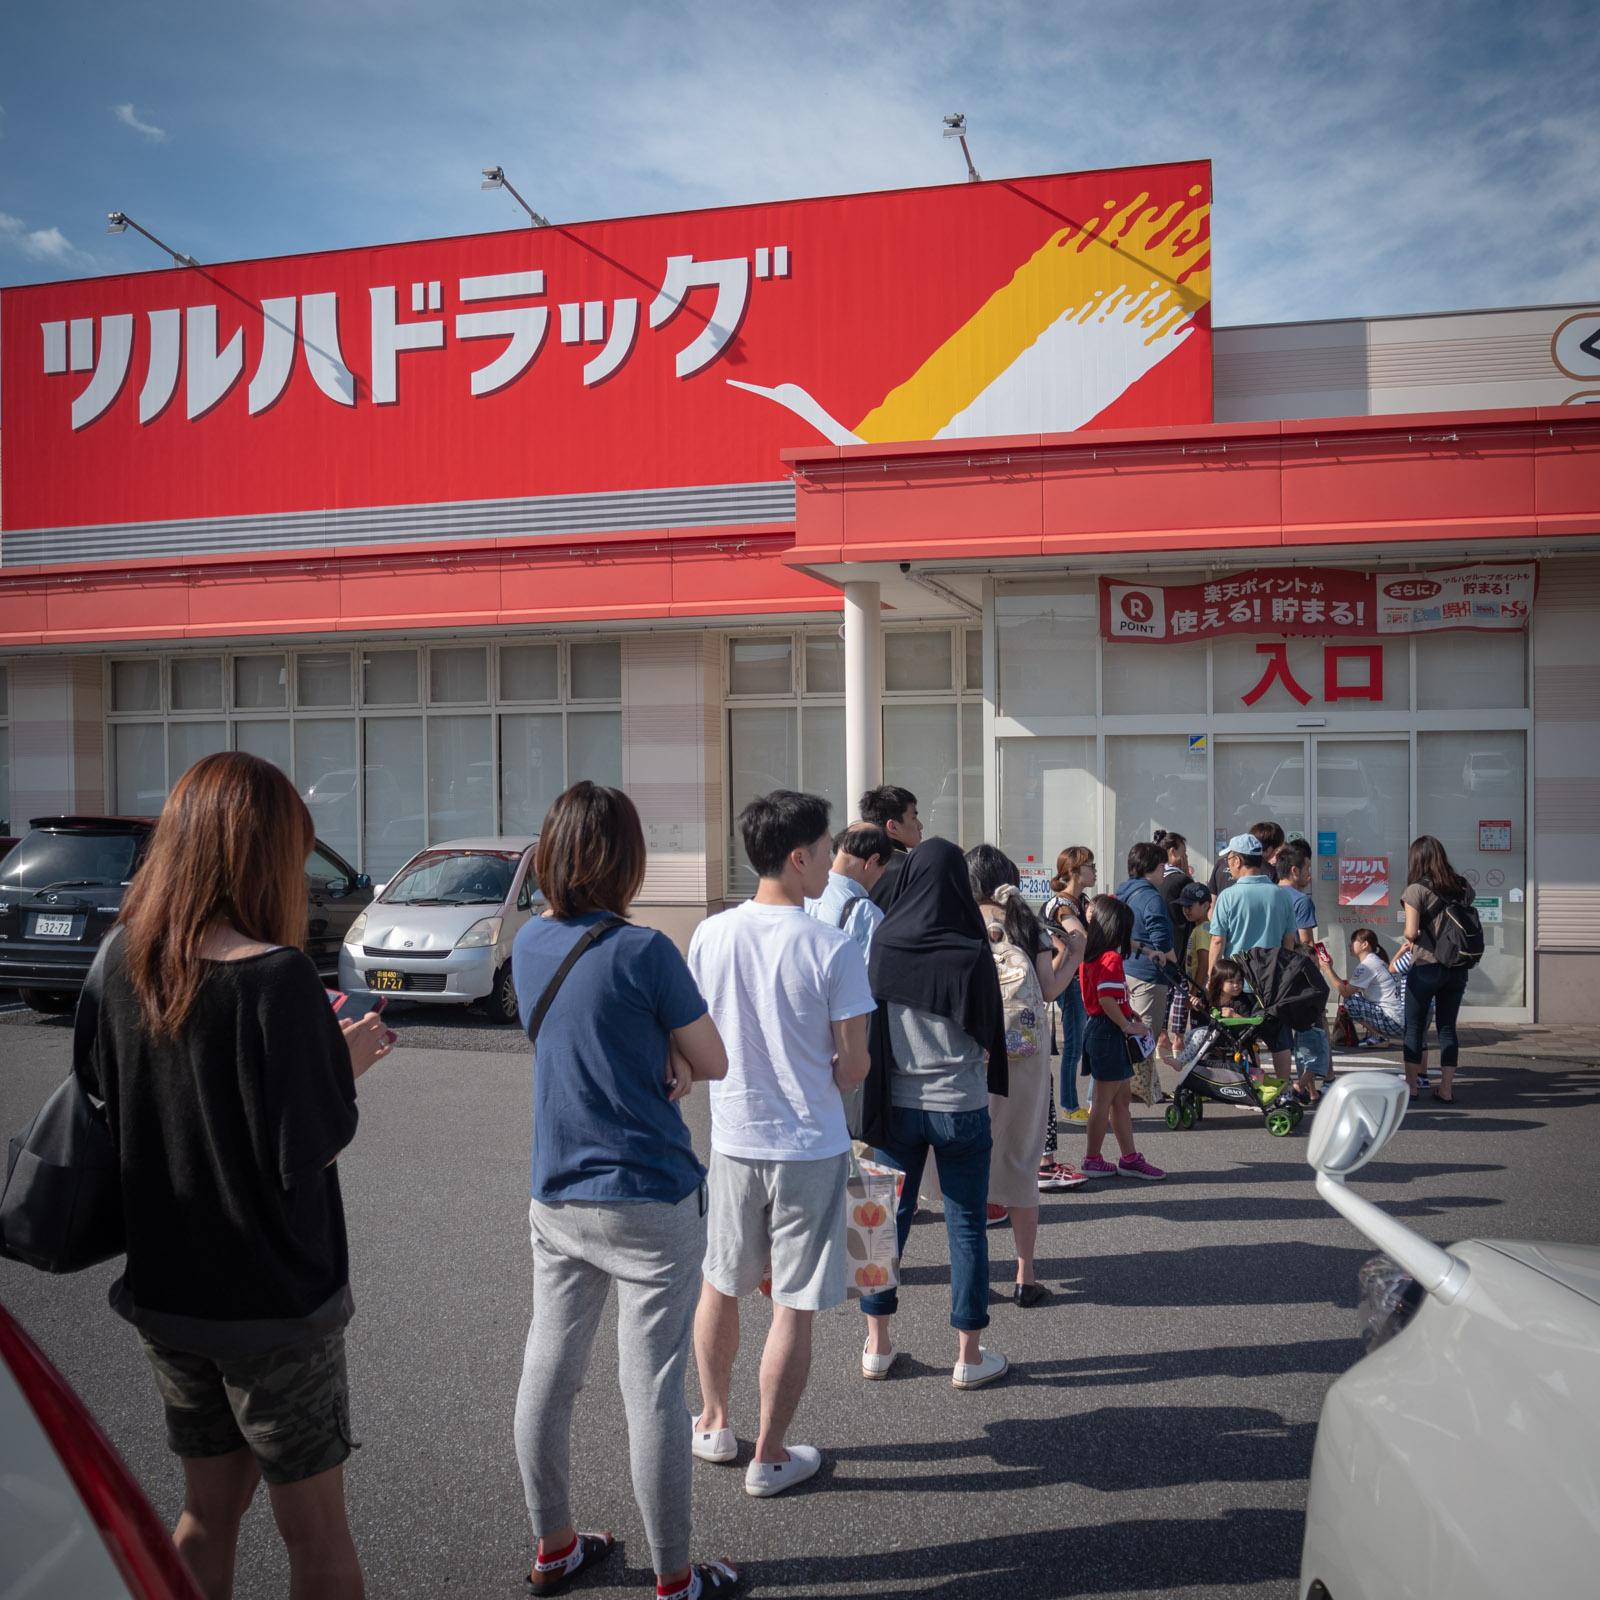 ツルハ美原店の開店を待つ人達の列